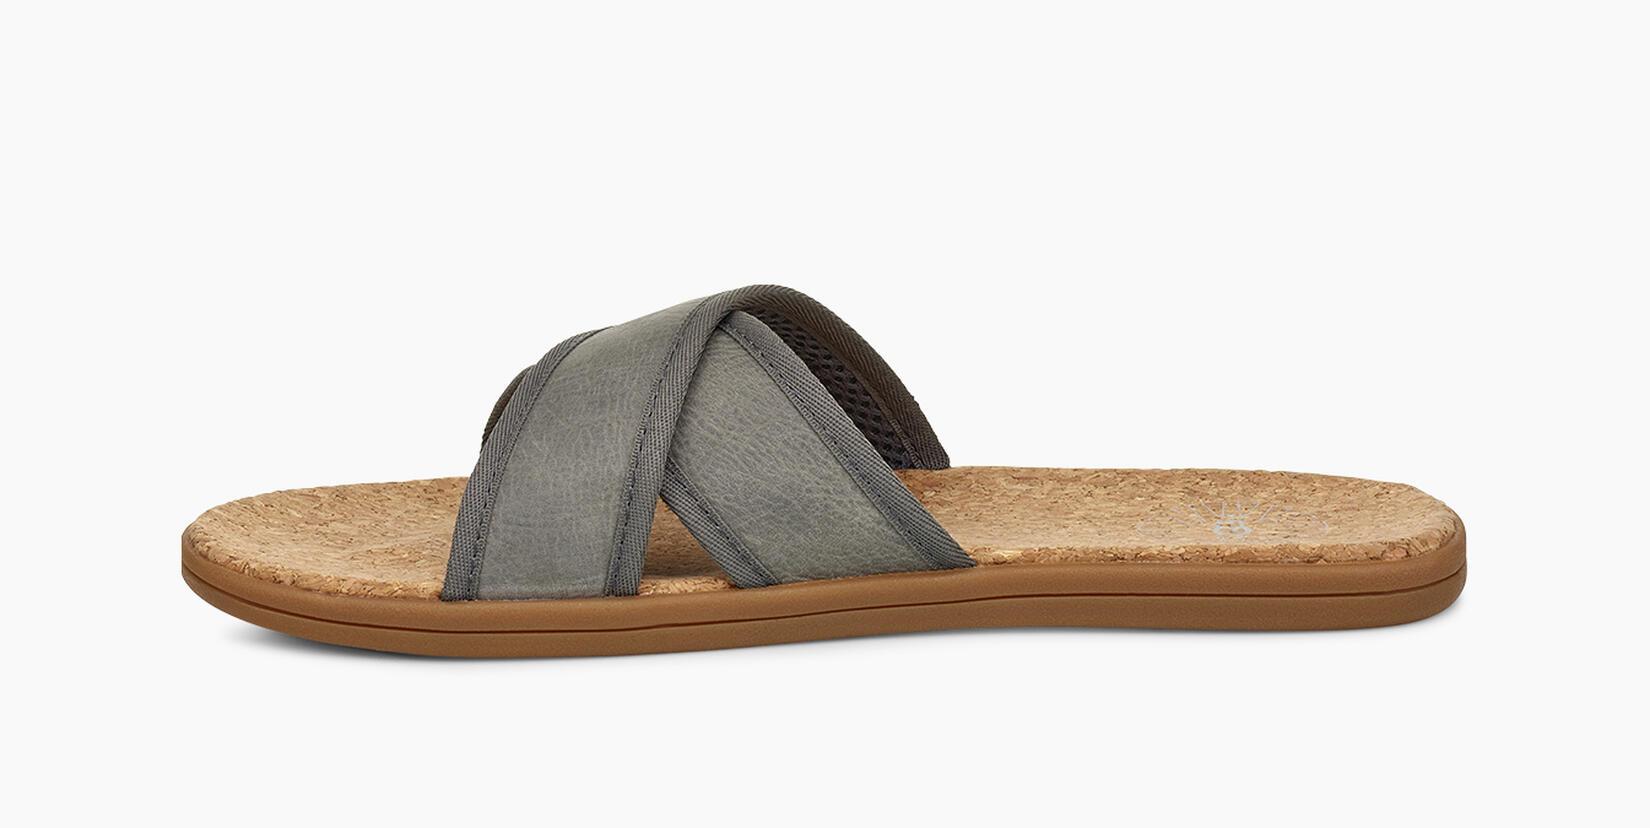 Seaside Slide